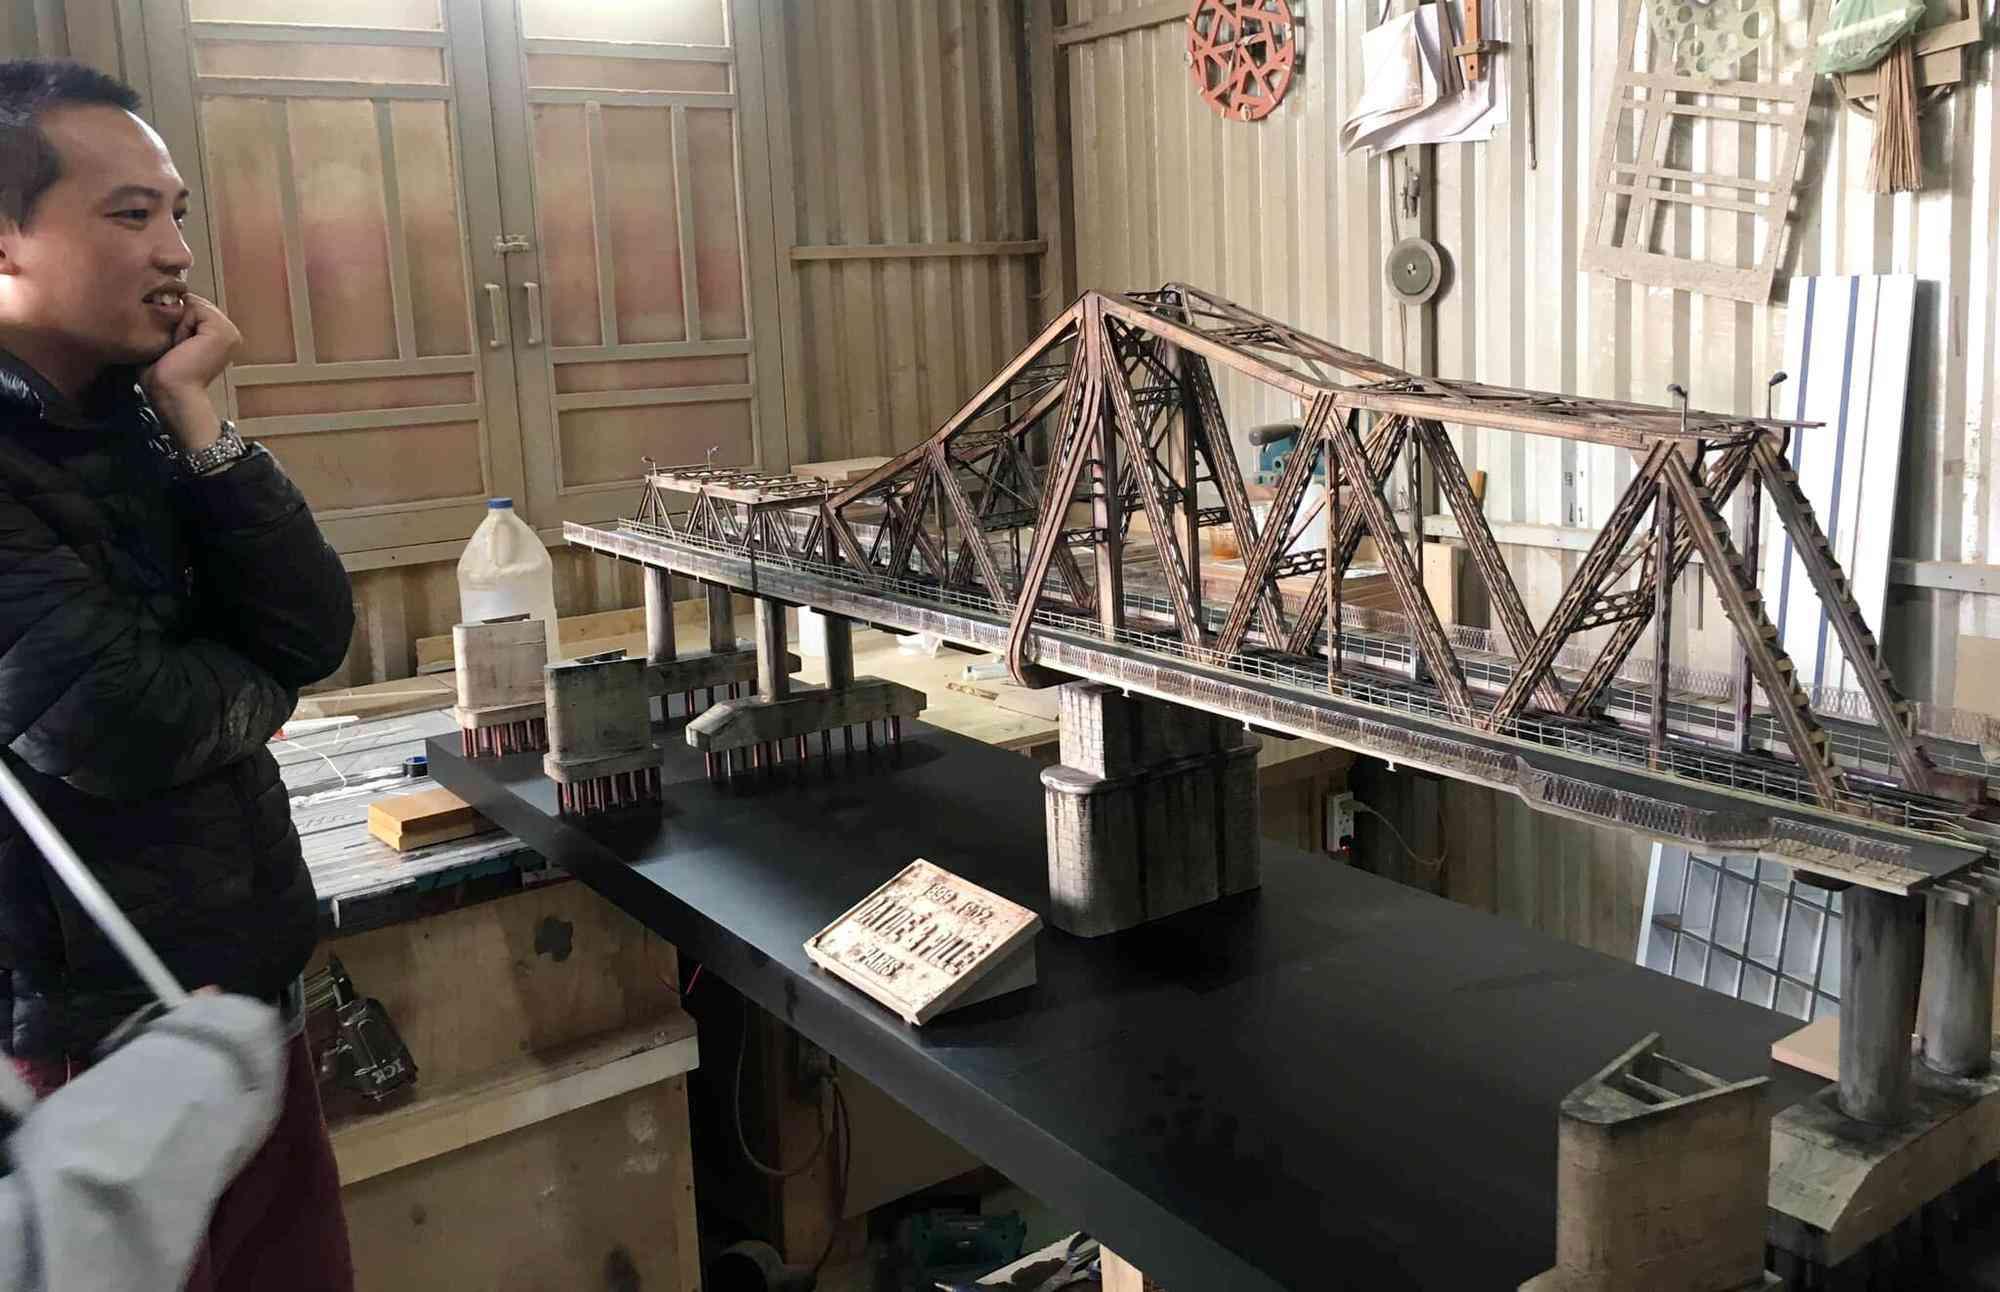 Chiêm ngưỡng mô hình cầu Long Biên như thật của chàng trai Đà Lạt - 1